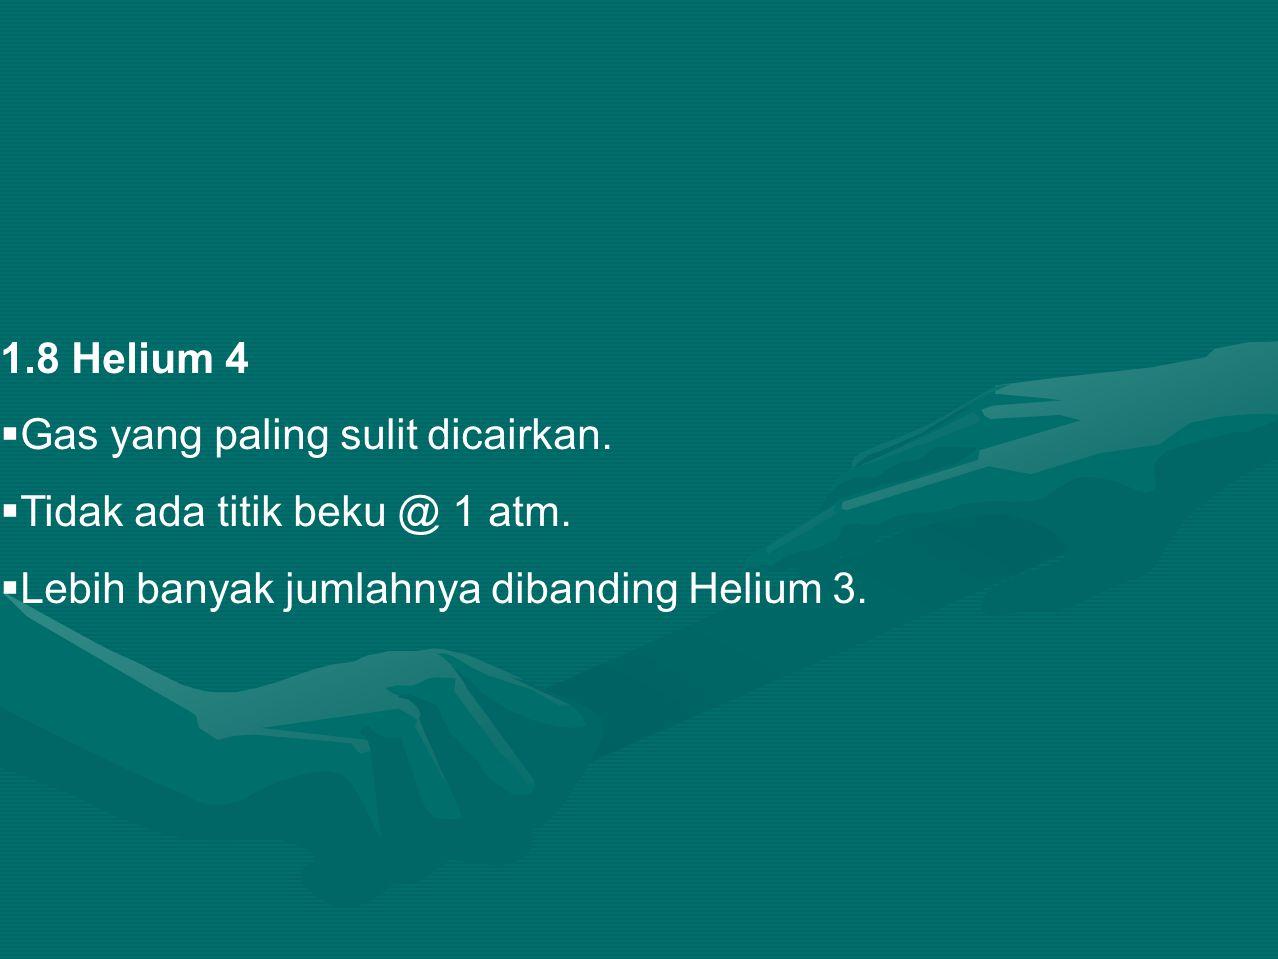 1.8 Helium 4  Gas yang paling sulit dicairkan. Tidak ada titik beku @ 1 atm.